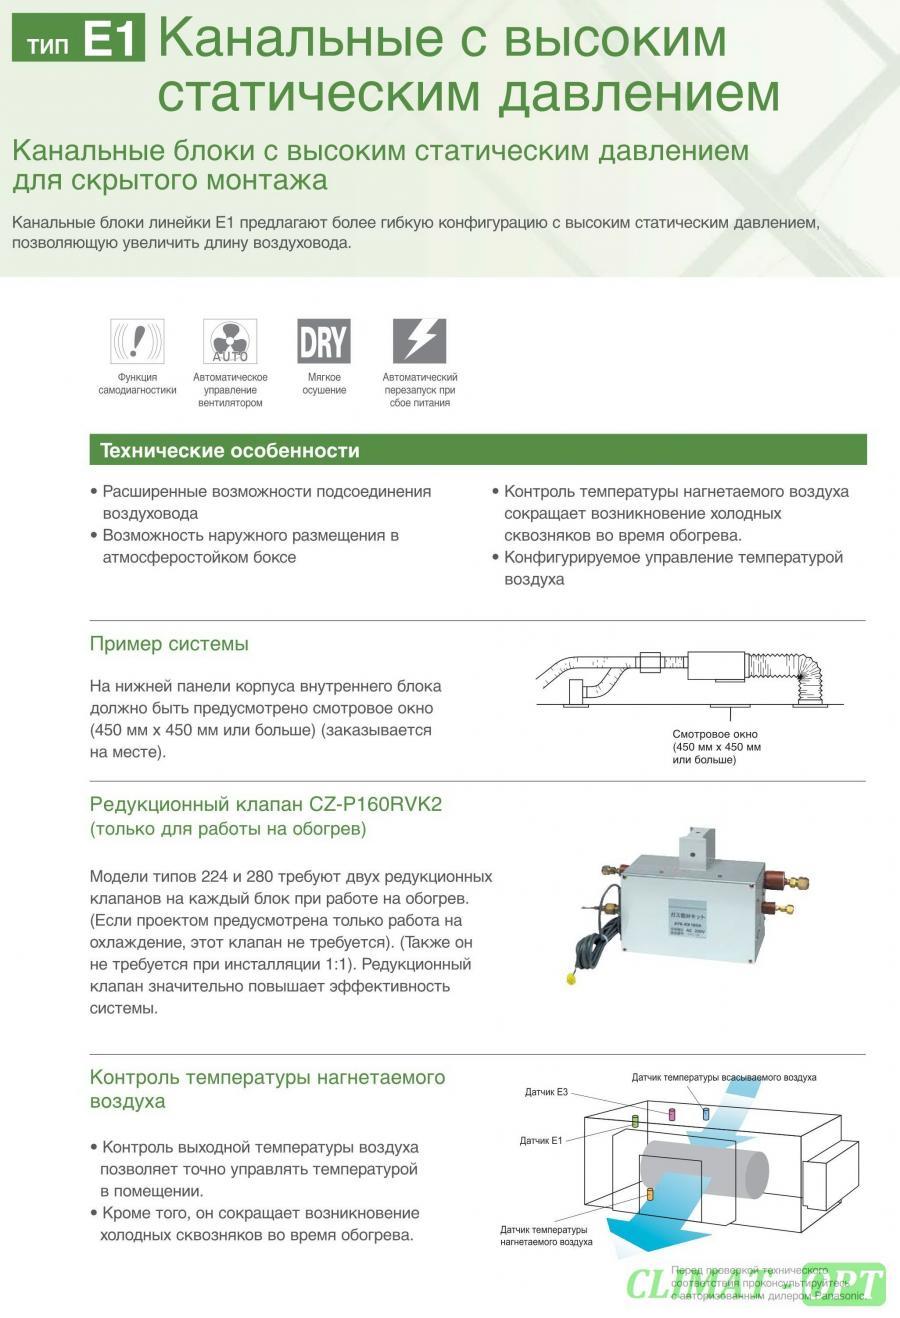 Внутренние блоки канального типа Panasonic E1